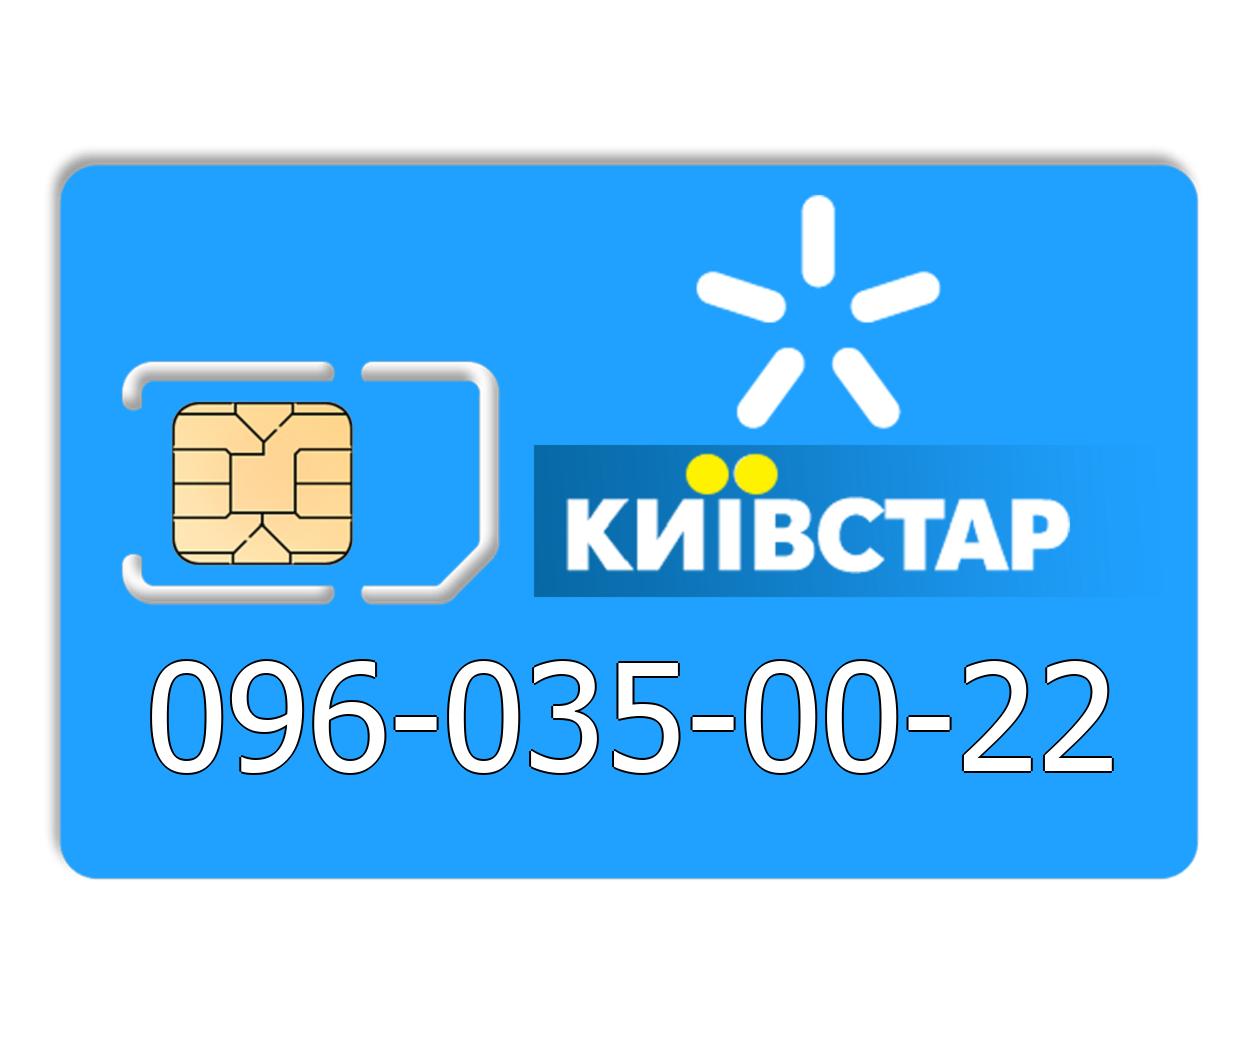 Красивый номер Киевстар 096-035-00-22